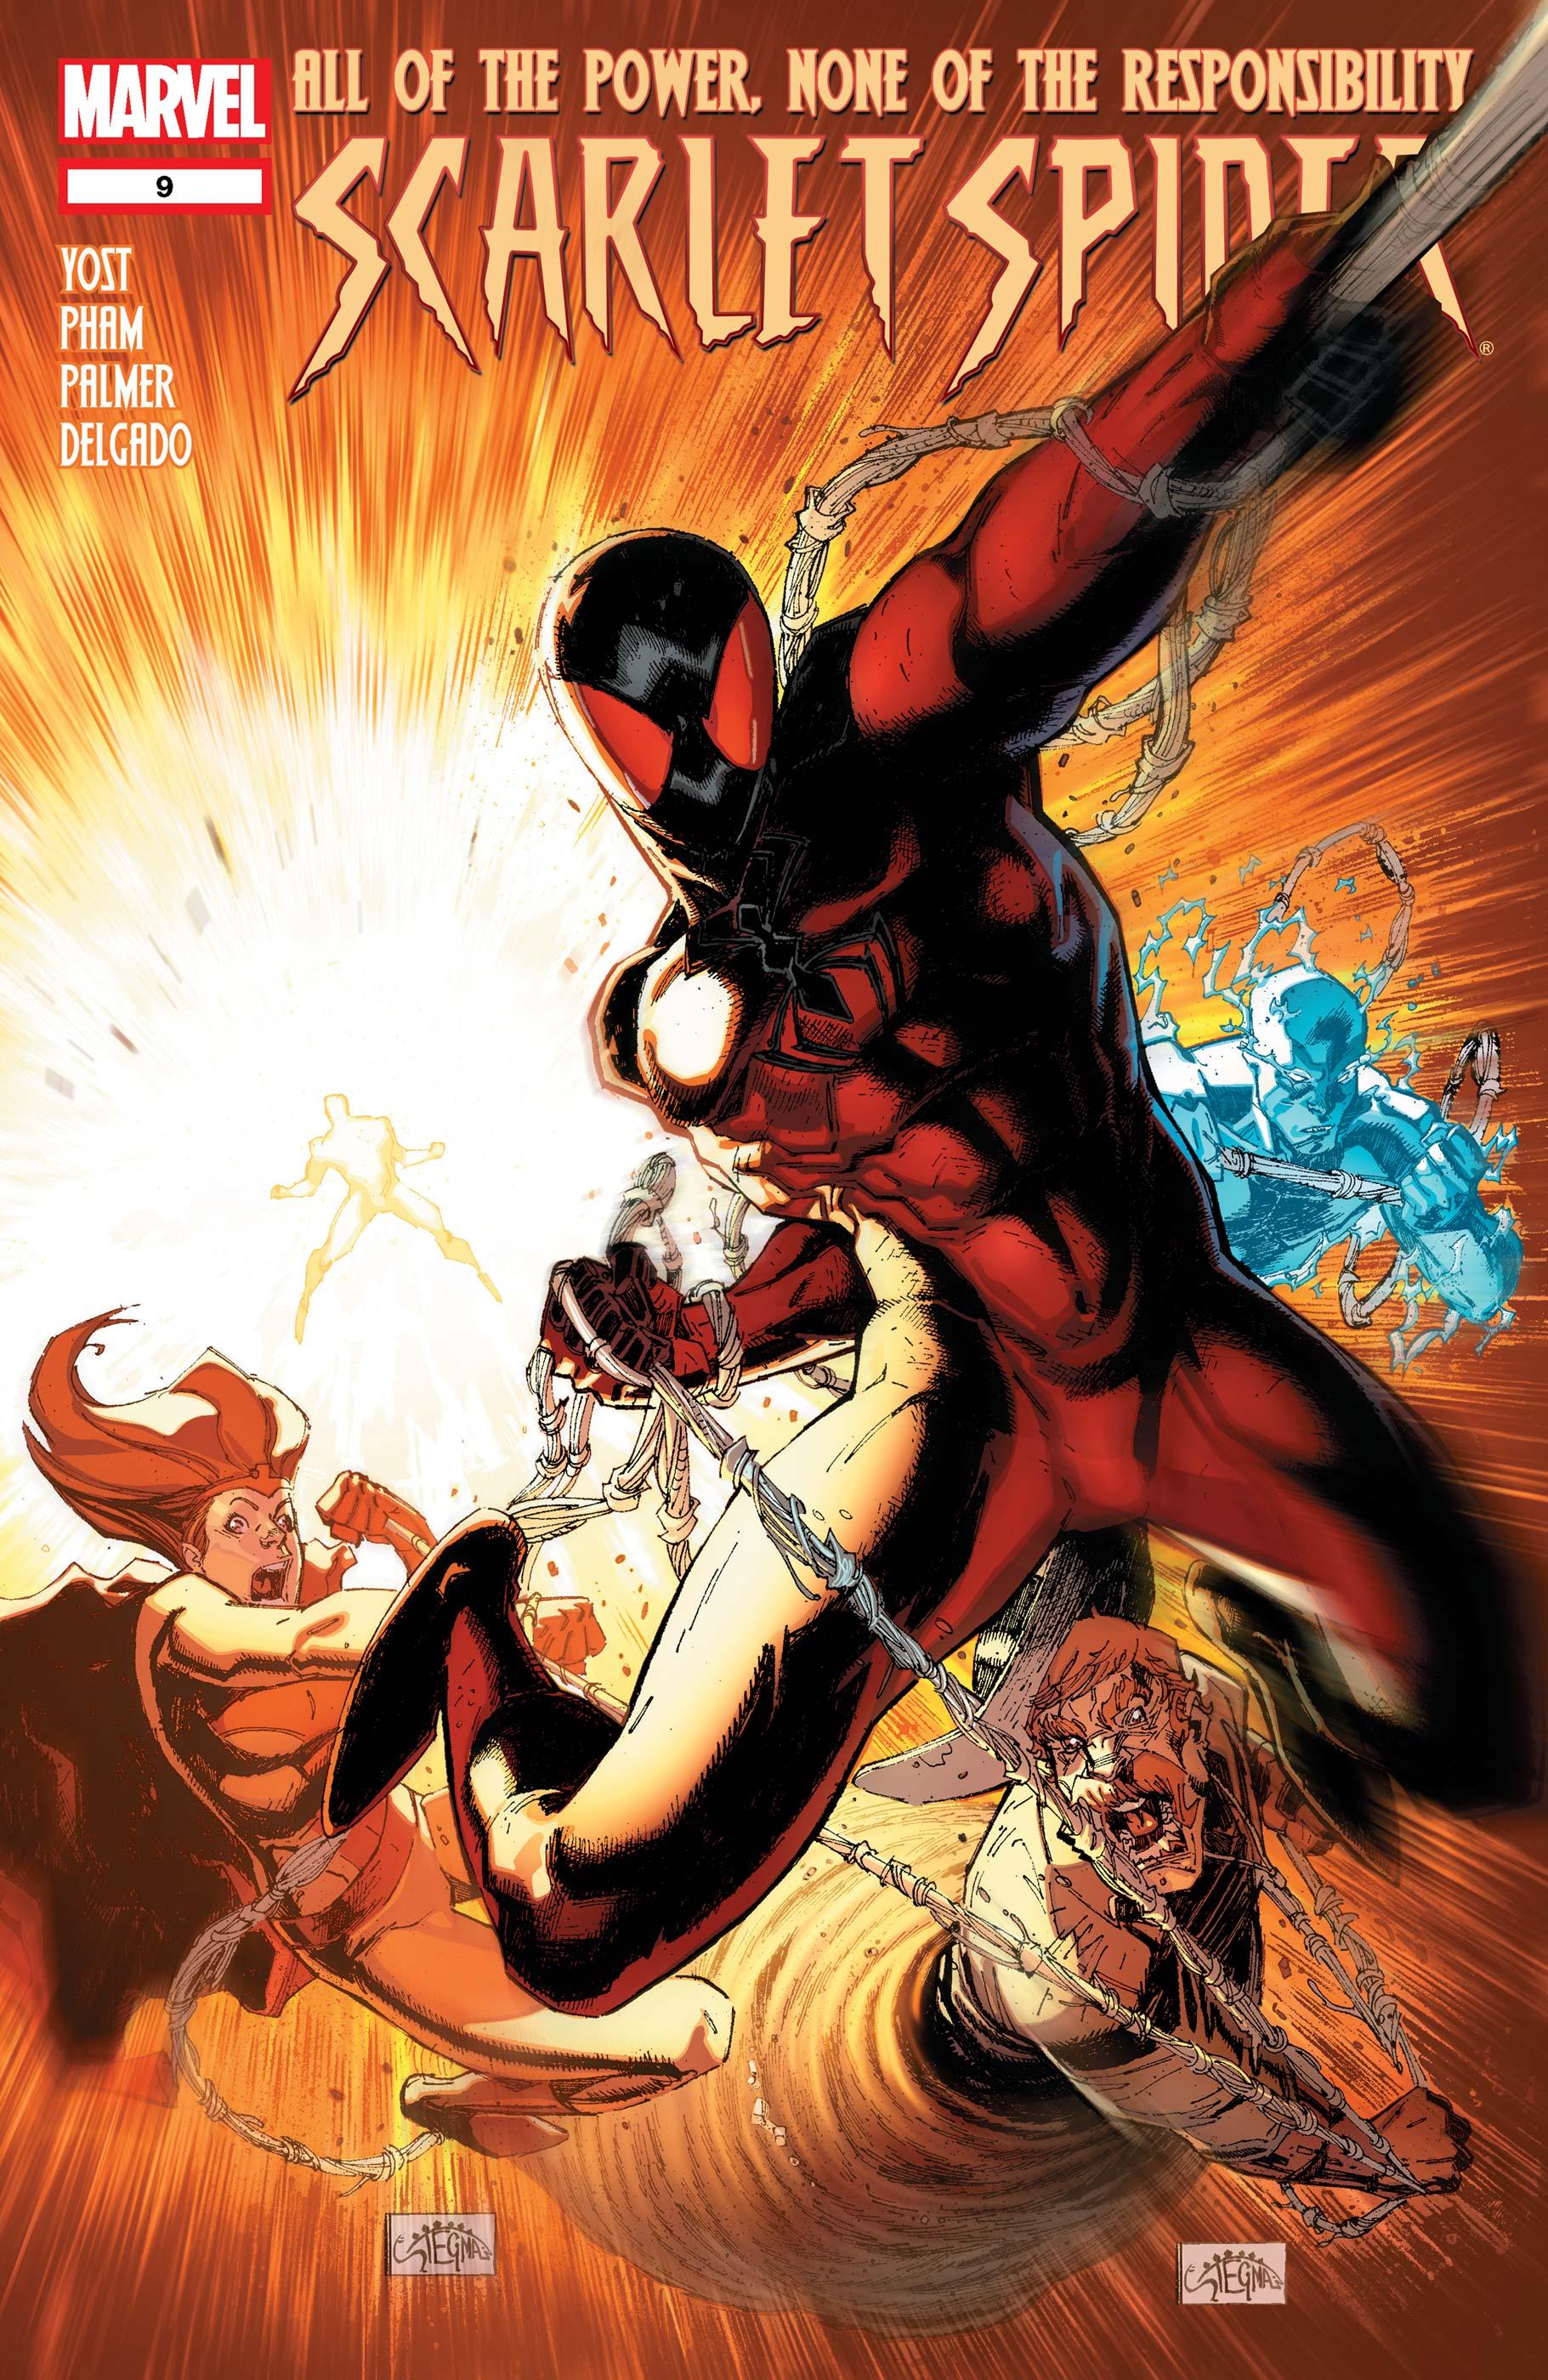 Scarlet Spider (2011) #9